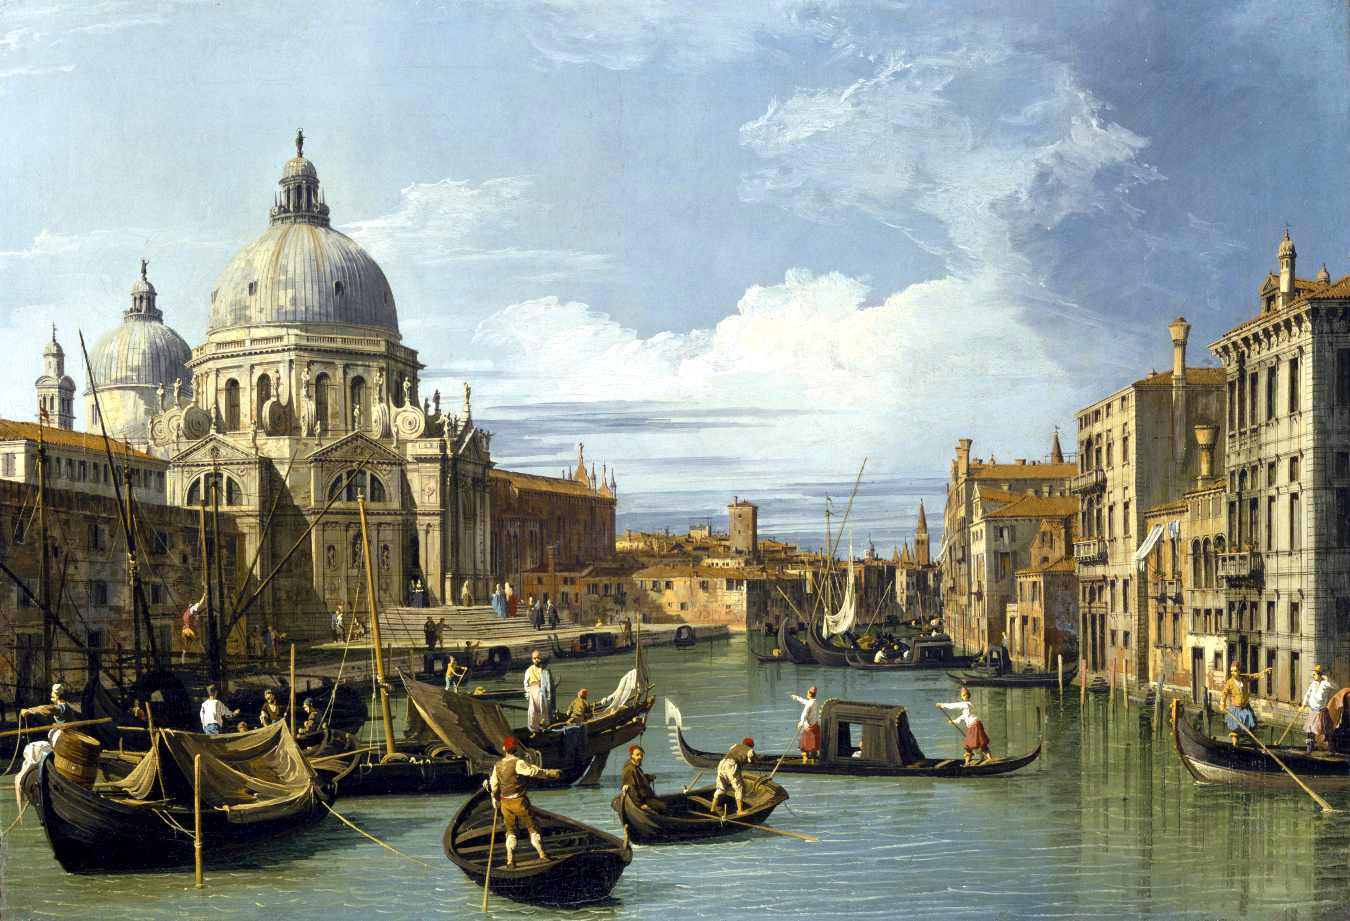 5. Entrada al Gran Canal, Canaletto